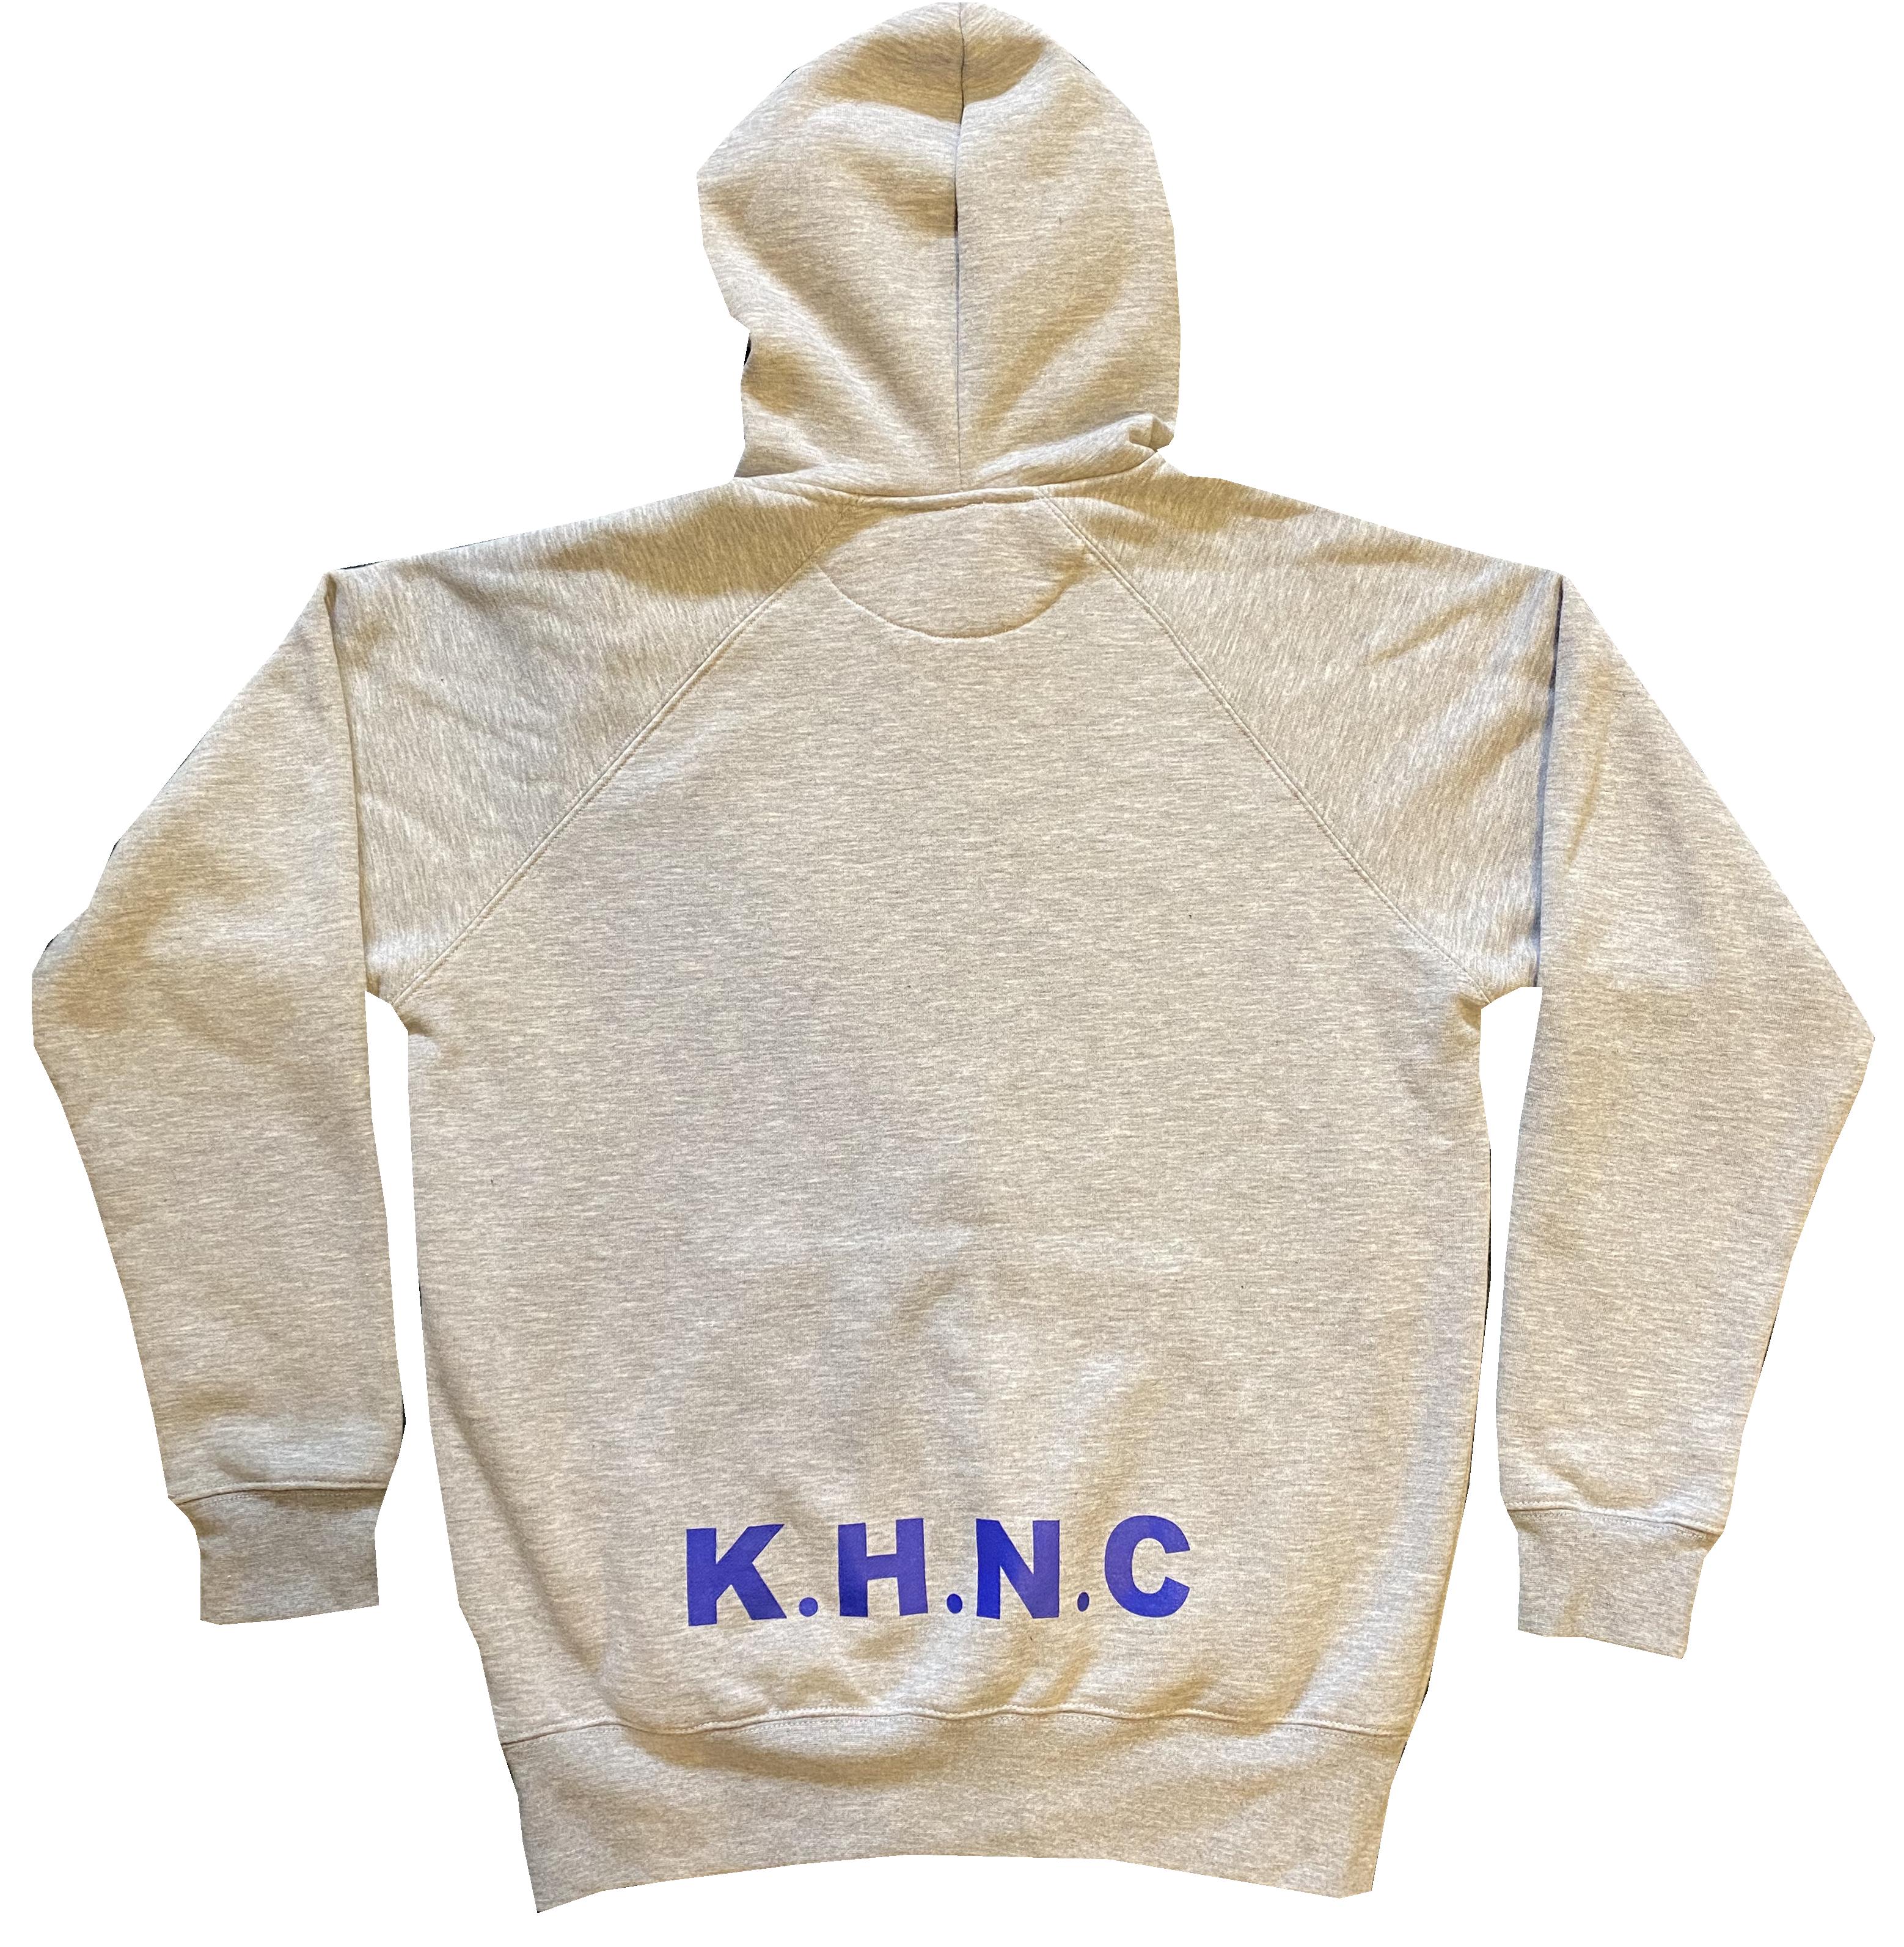 KHNC Hoodie